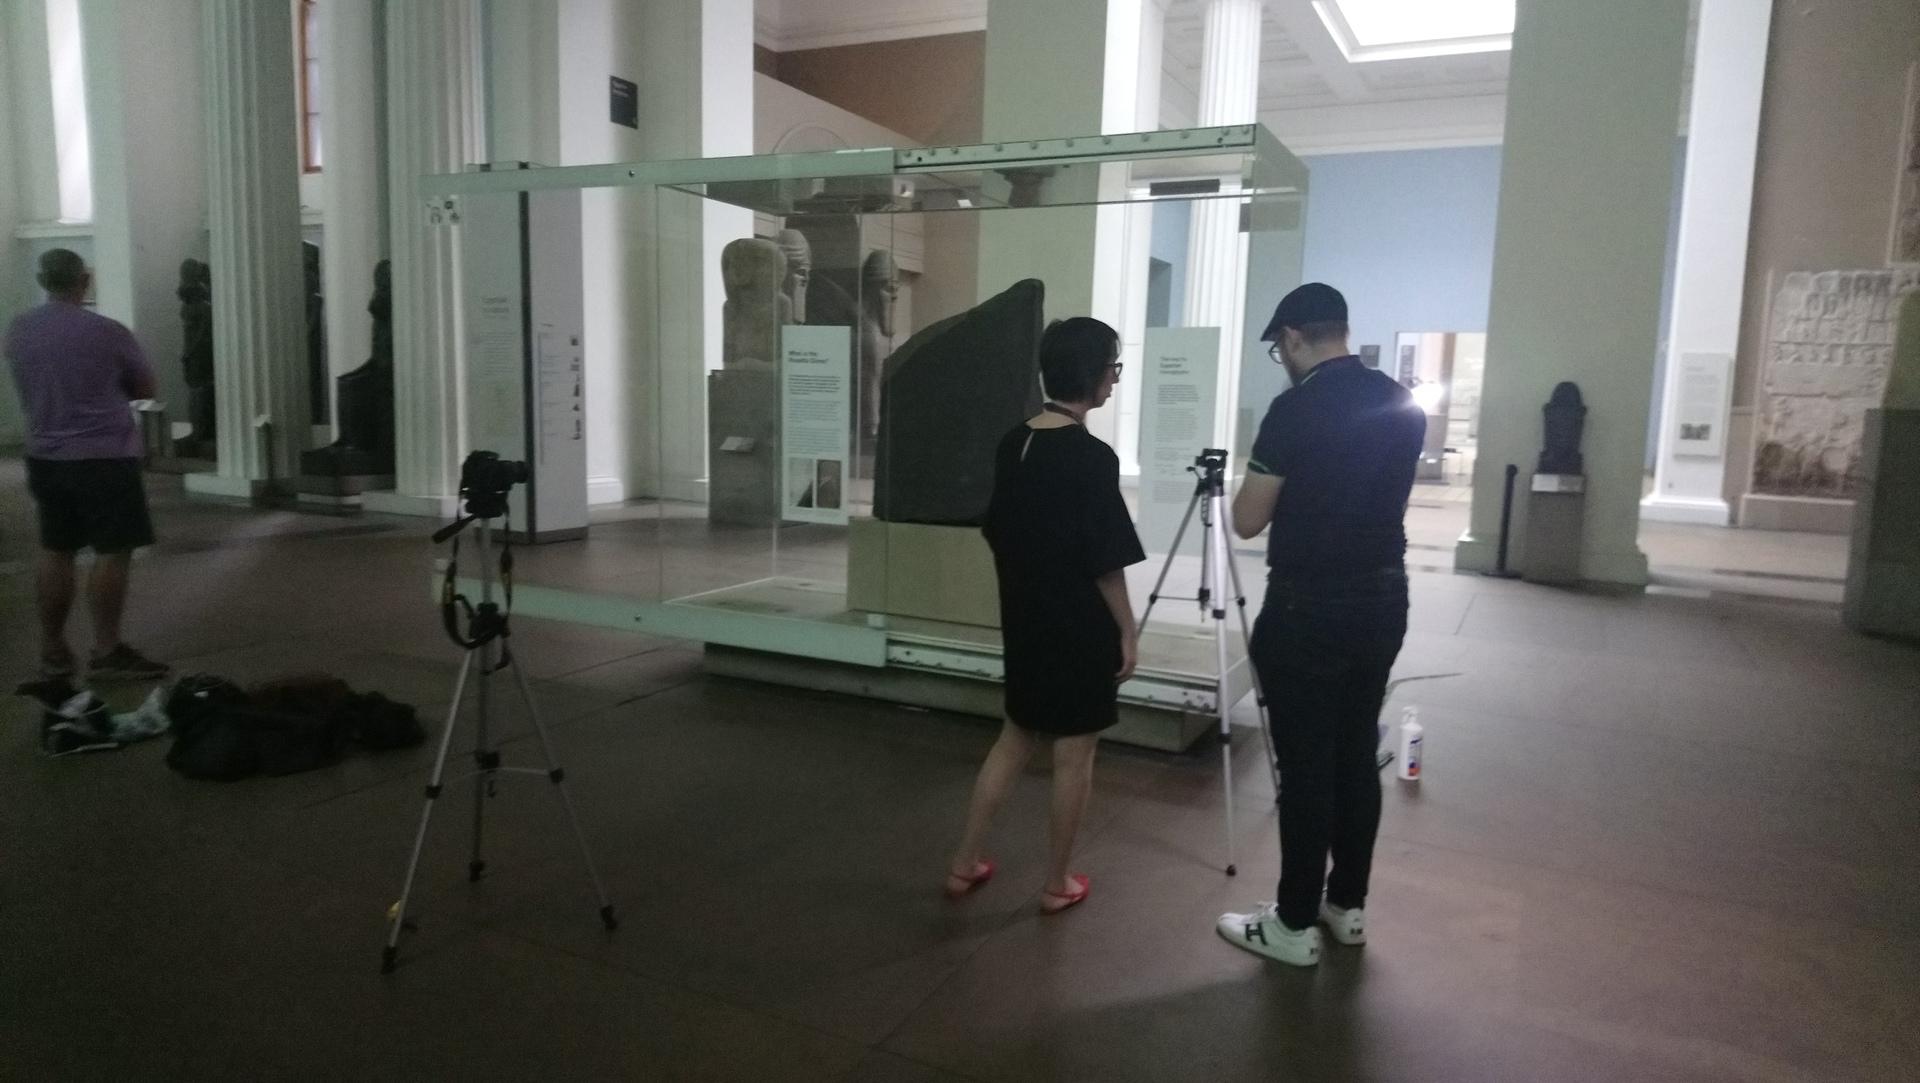 Scan in London - Eleni Bozia + Angelos Barmpoutis von der Uni Florida bauen die Kameras auf, Foto F. Naether.JPG